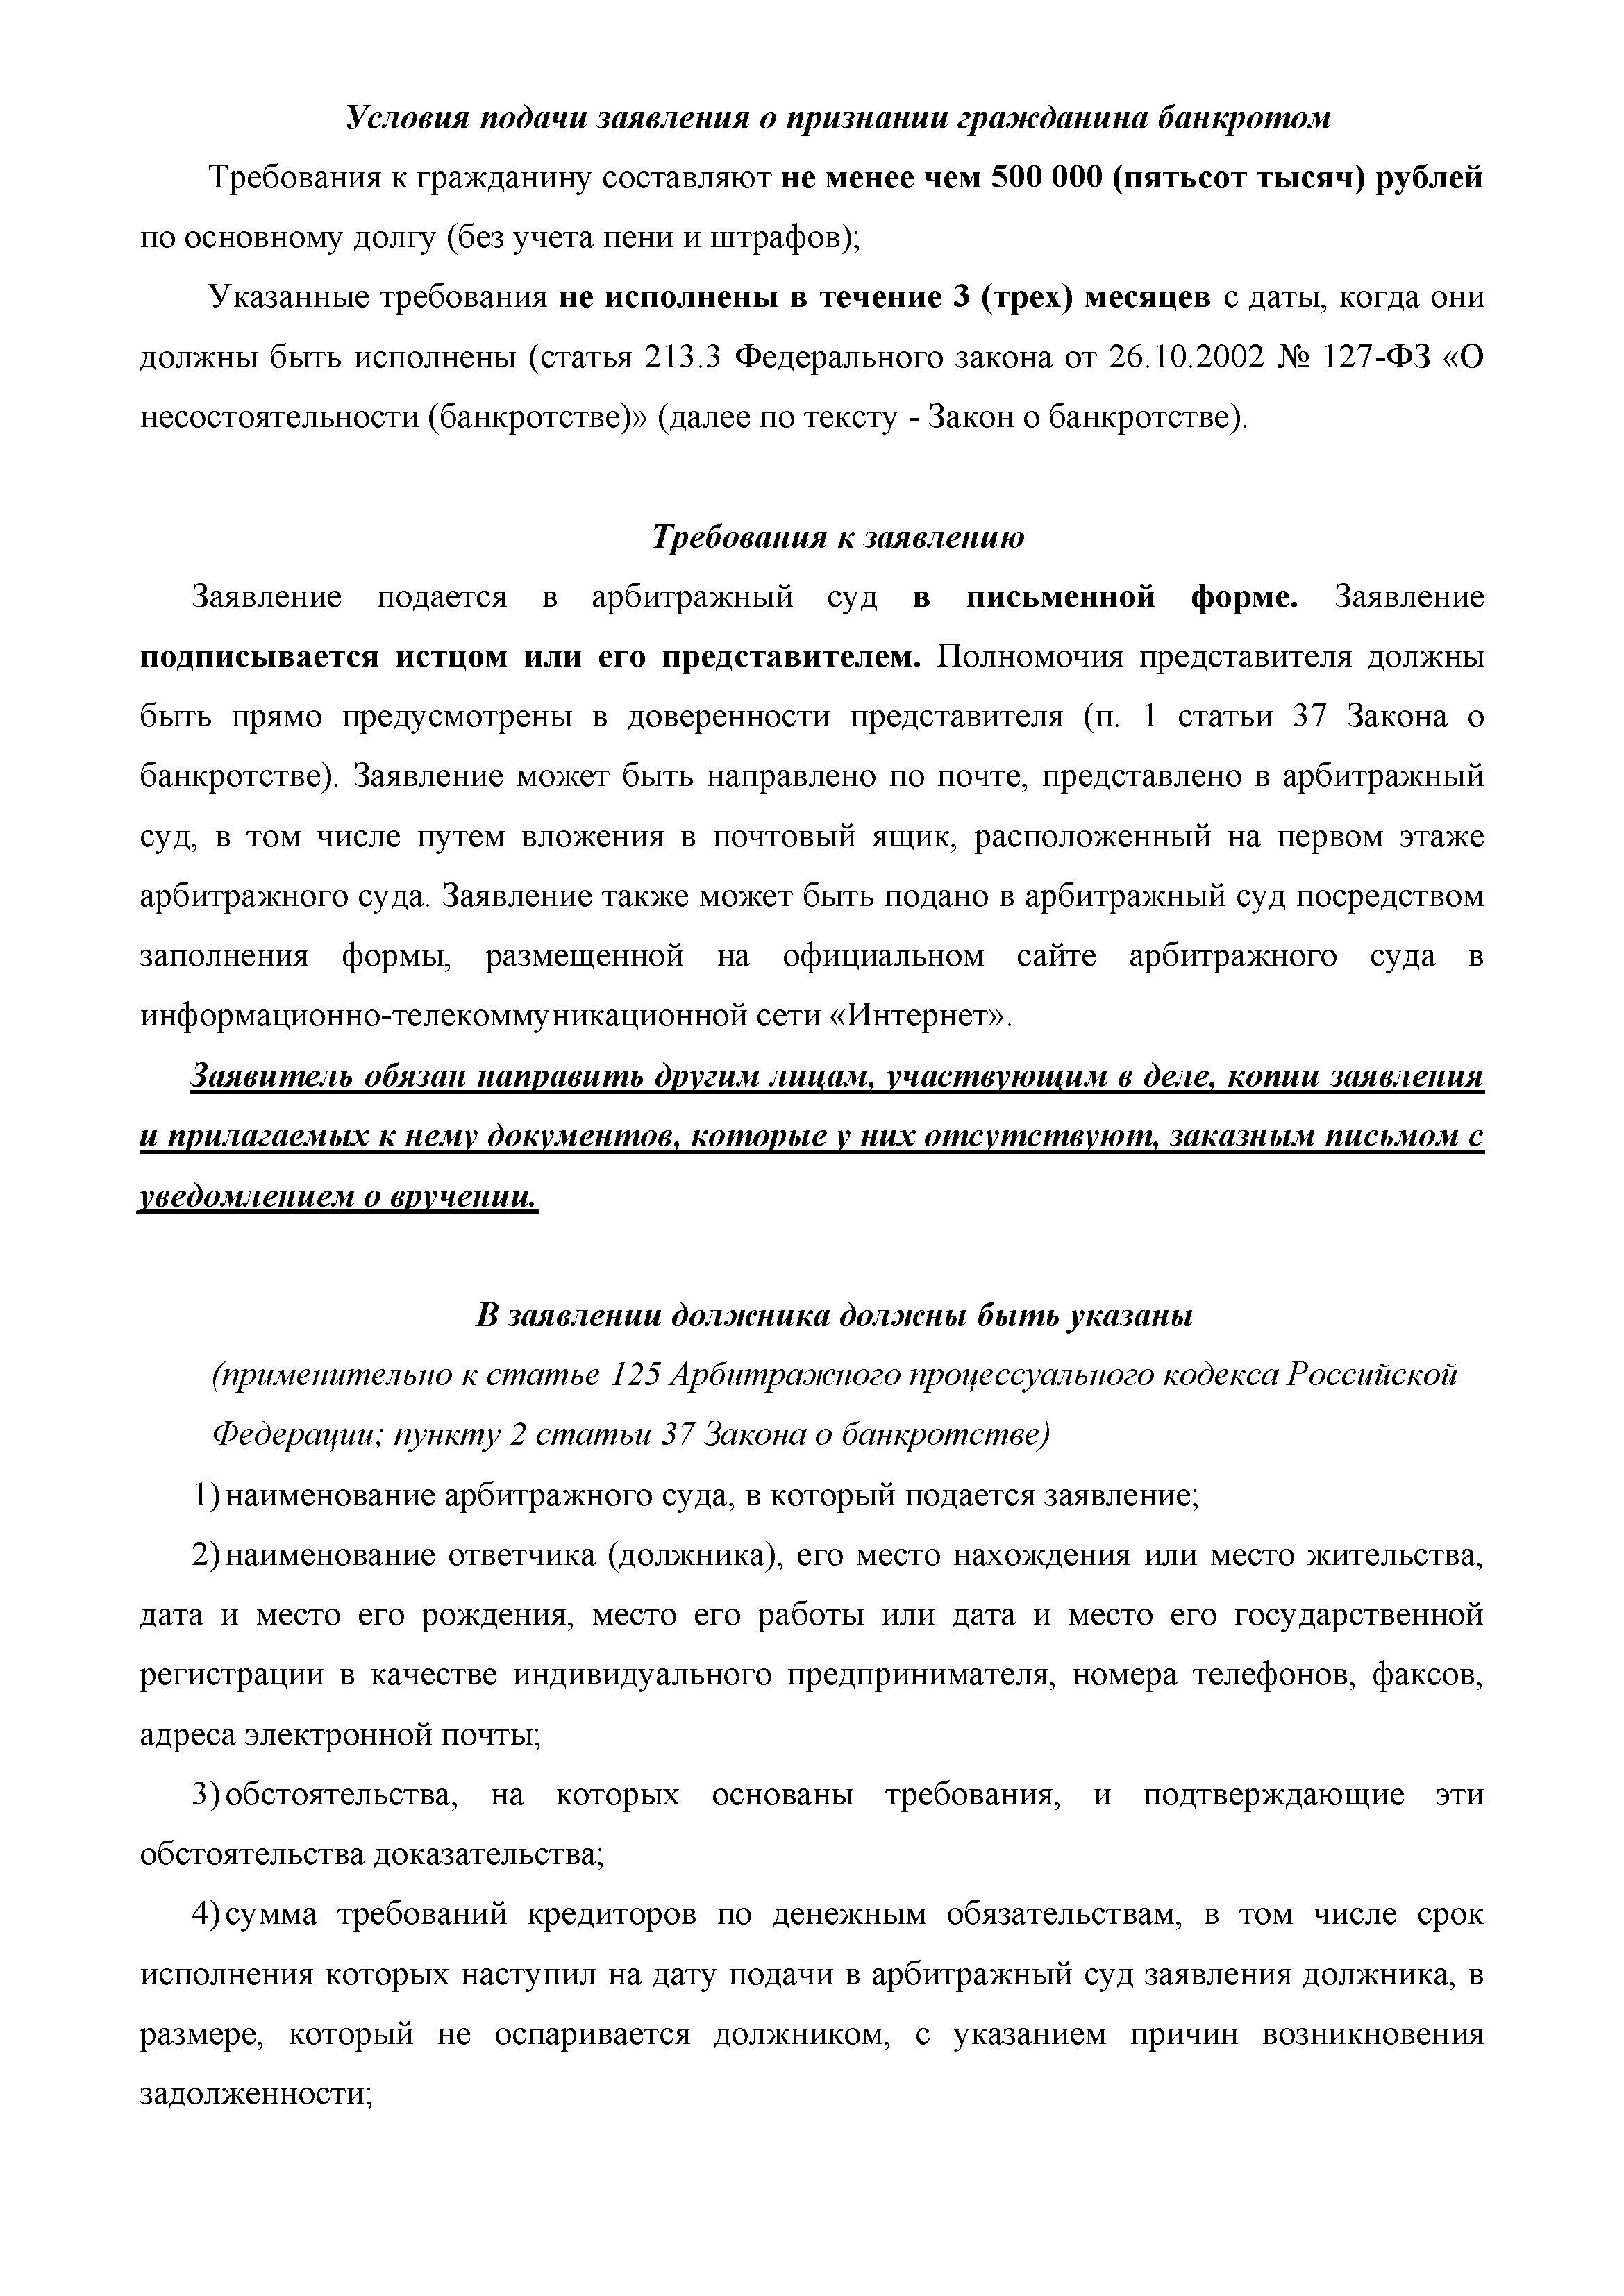 доверенность в арбитражный суд по делу о банкротстве